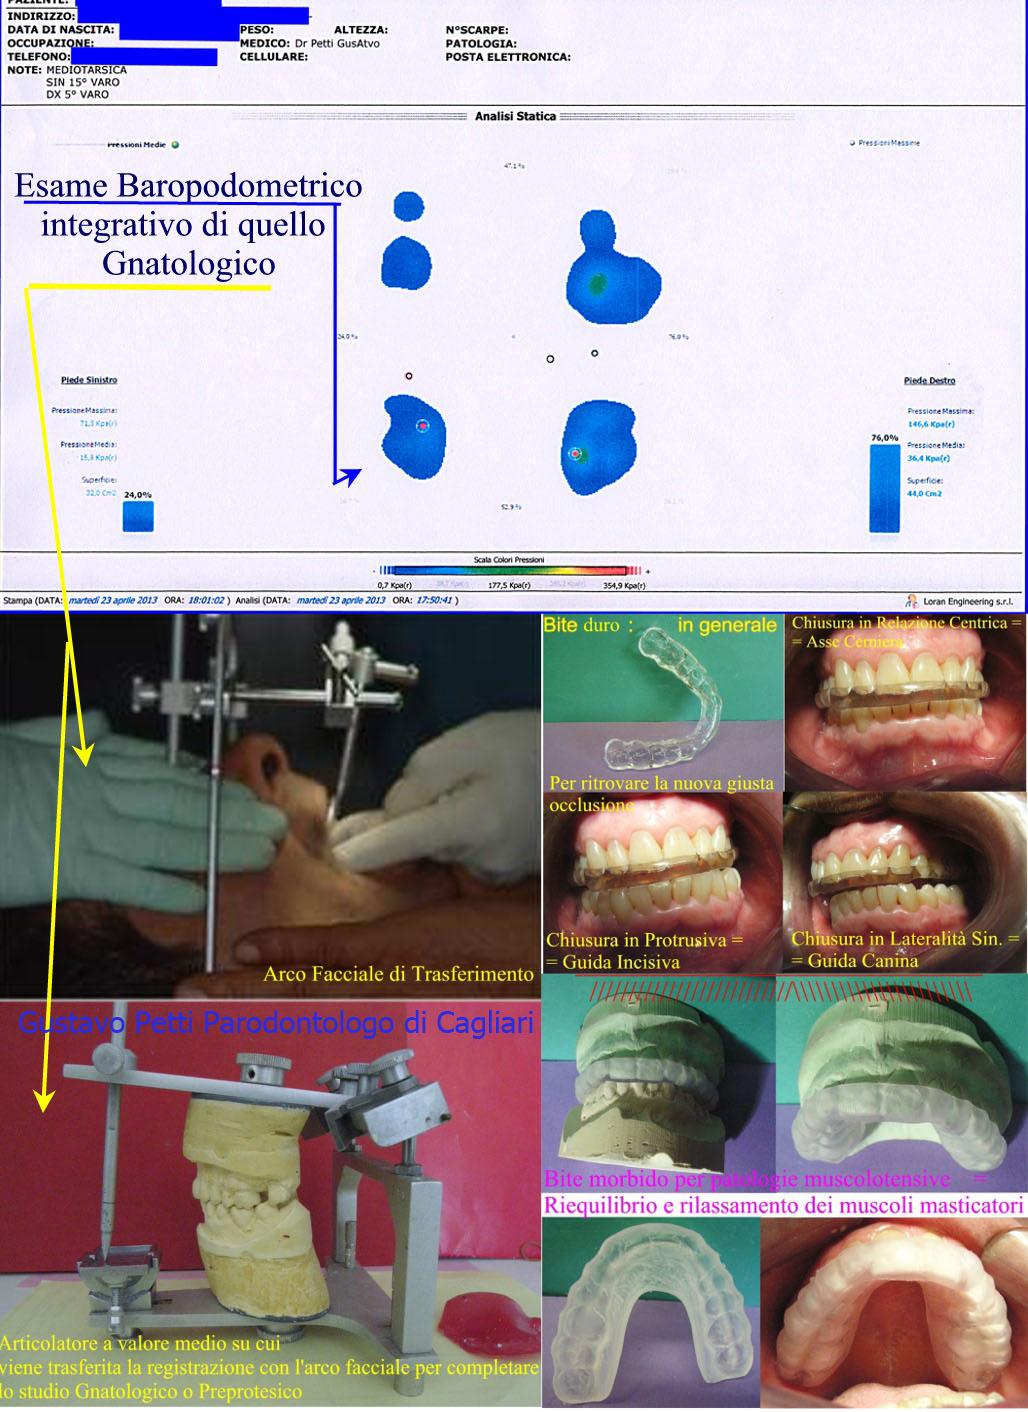 analisi-gnatologica-dr-g.petti-cagliari-308.jpg